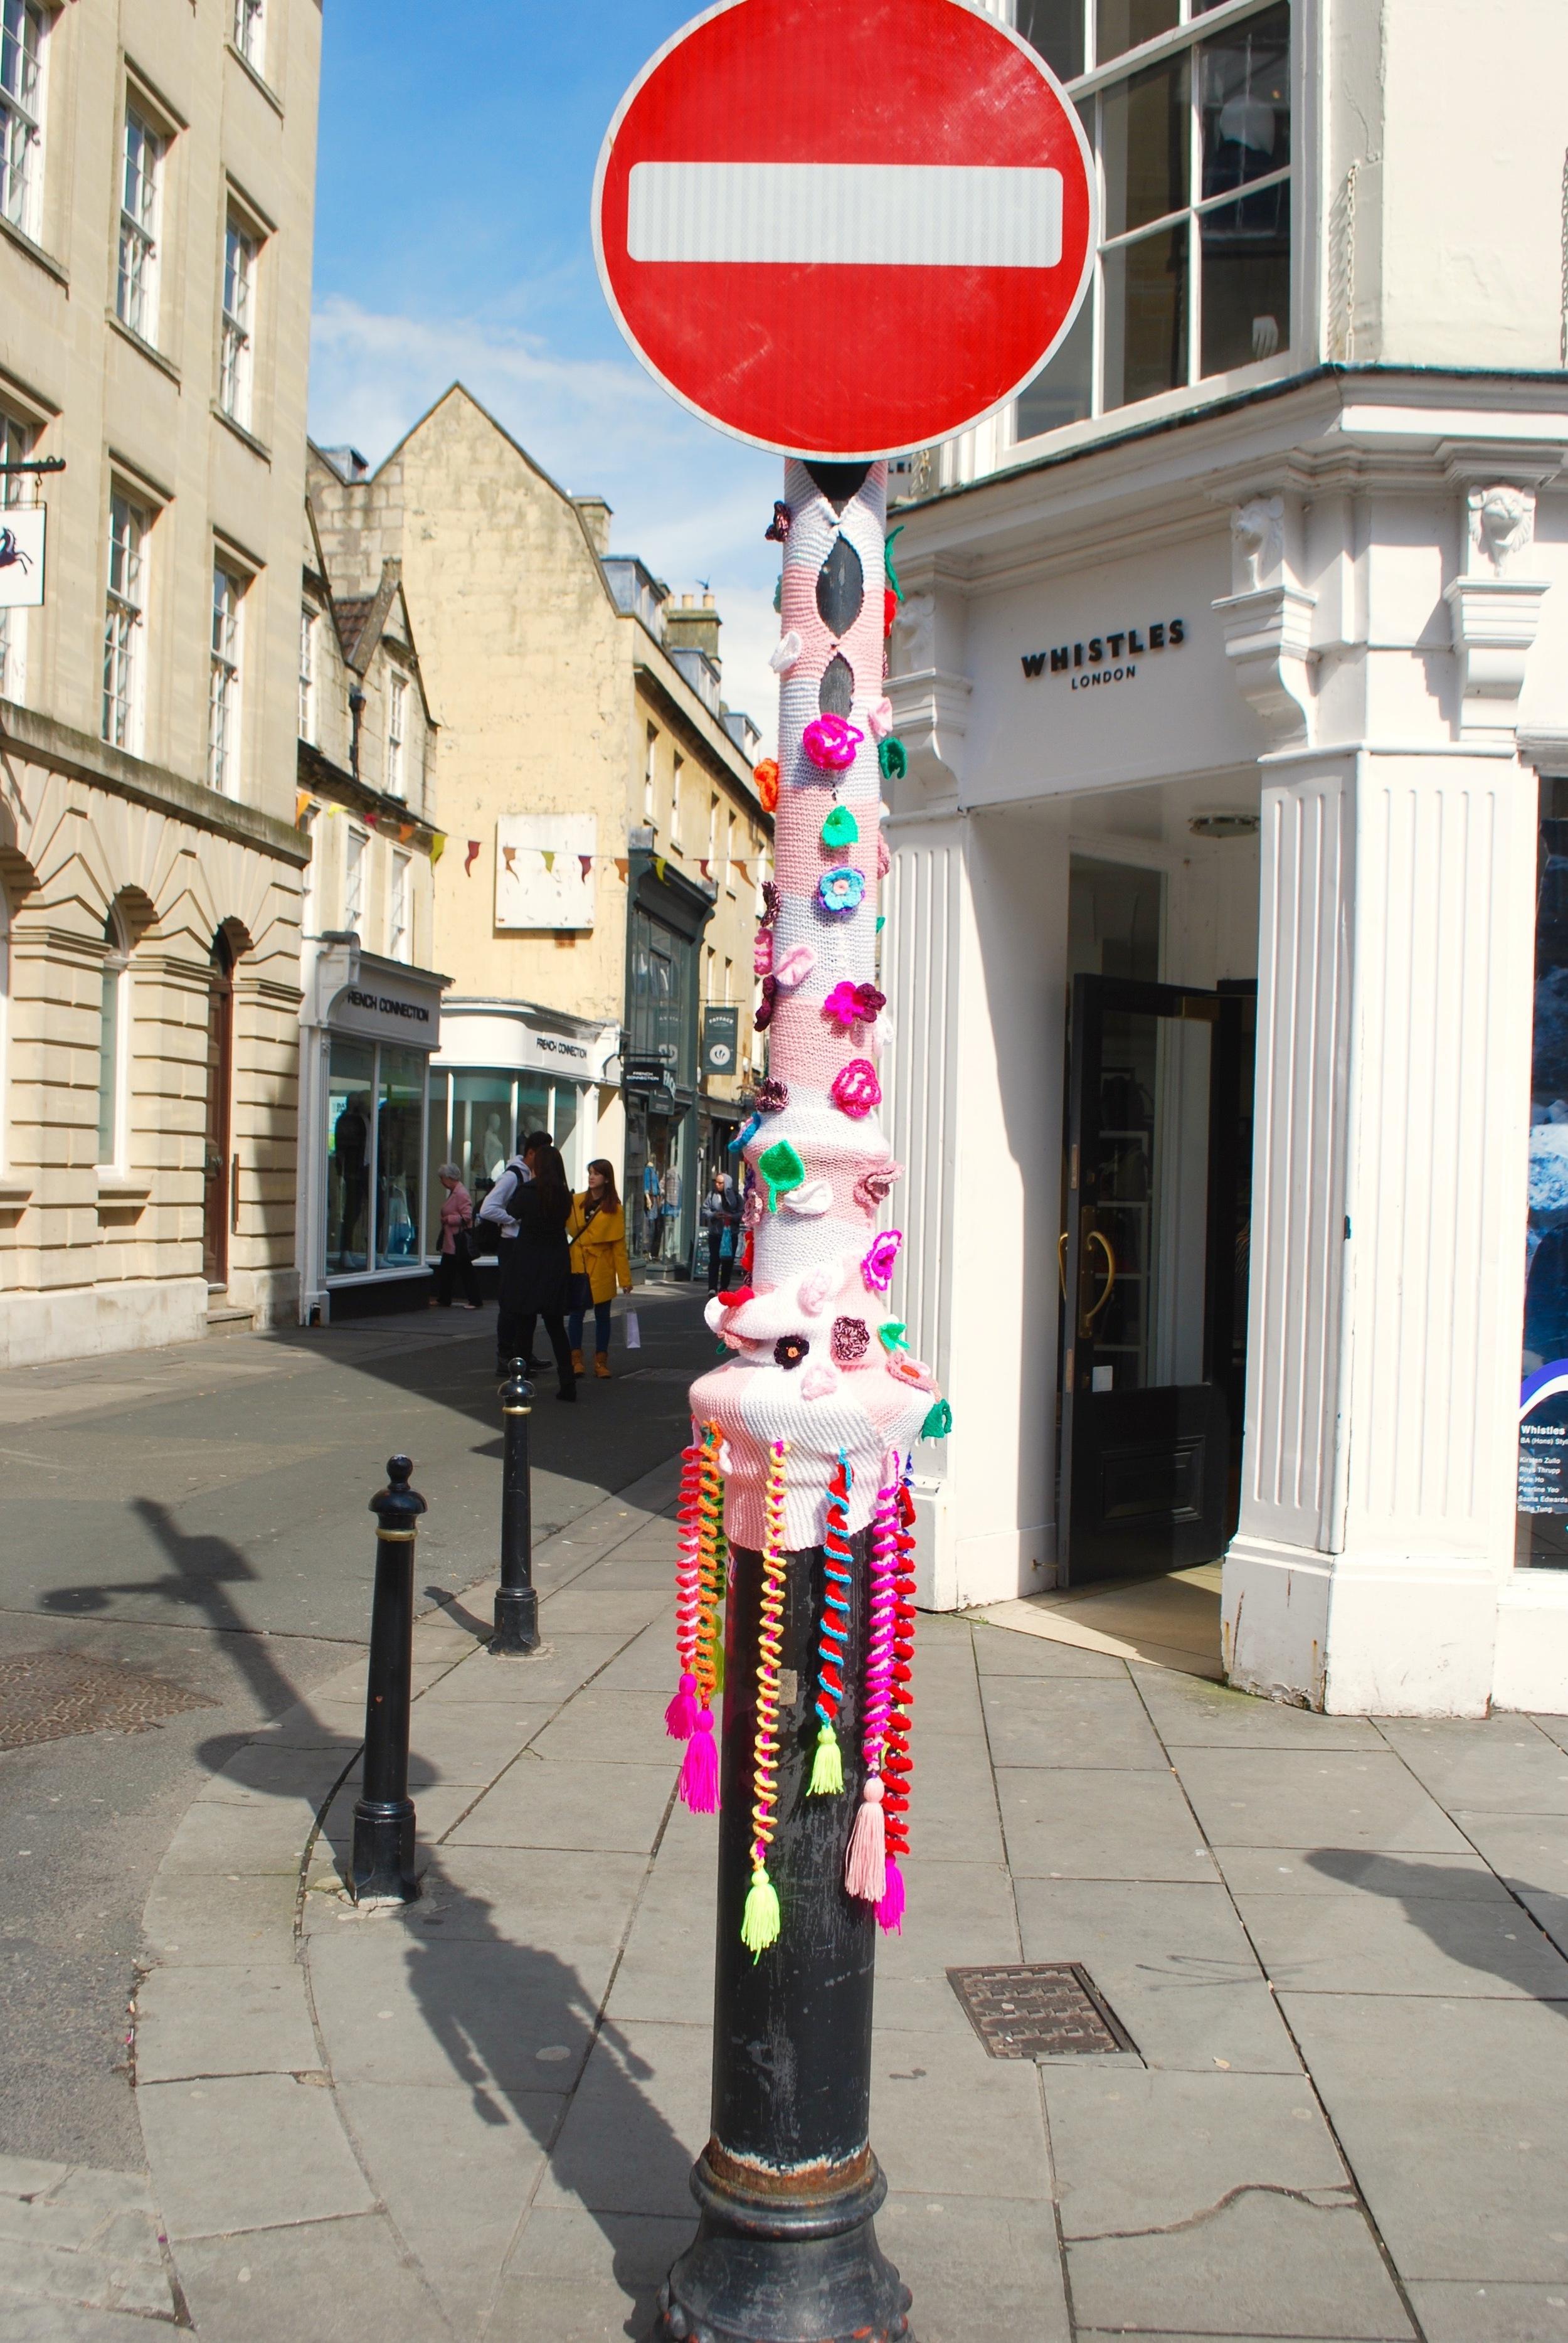 Bath in Fashion 2016 yarn bomb No Entry